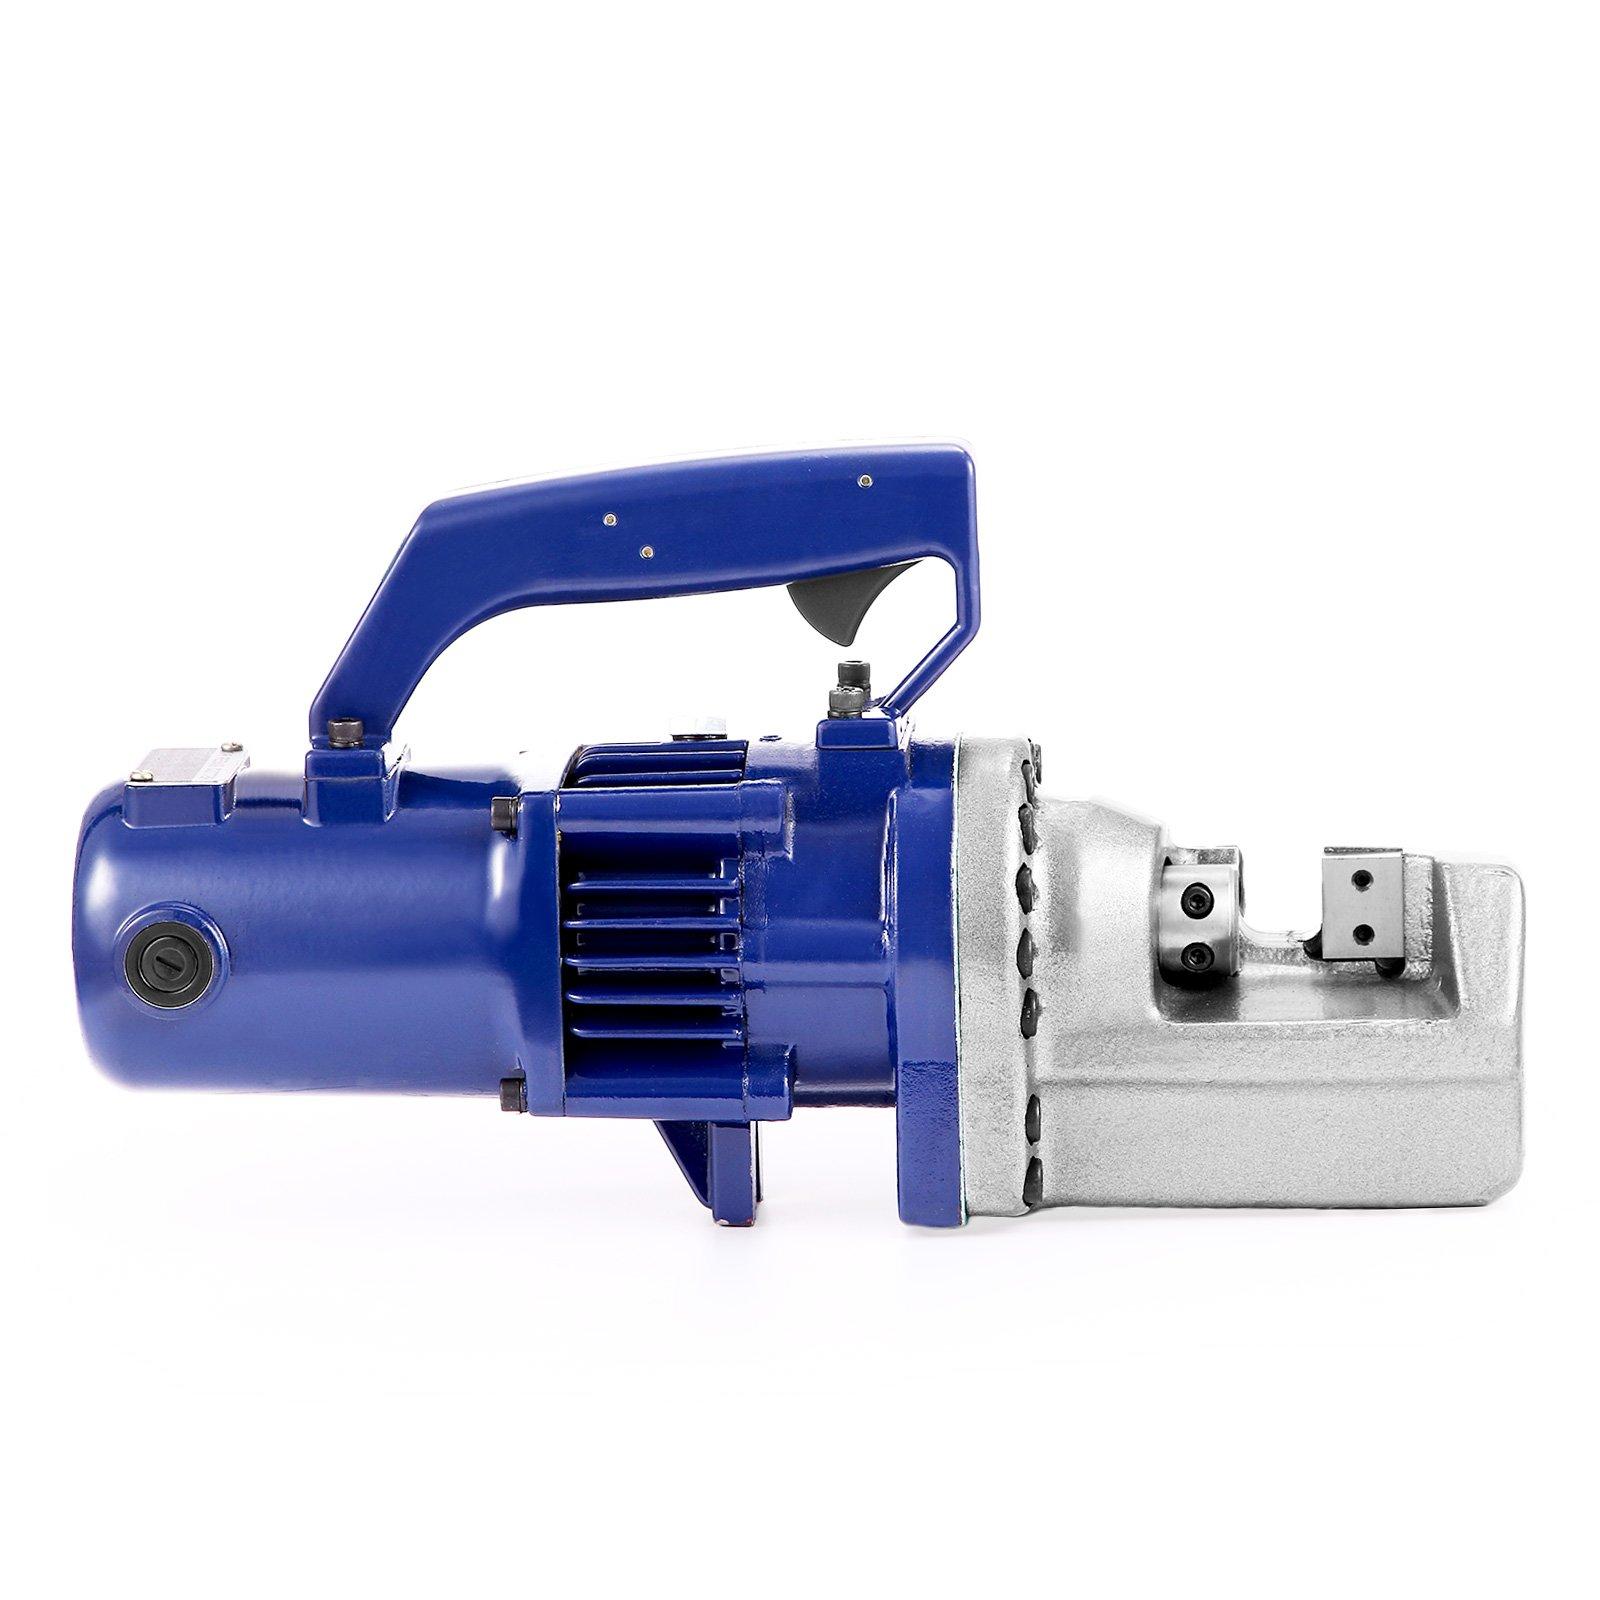 BestEquip Electric Rebar Cutter 7/8'' #7 1350W Hydraulic Rebar Cutter 3.5-4.5 Seconds Cutting Speed Portable Rebar Cutter (7/8 inch)